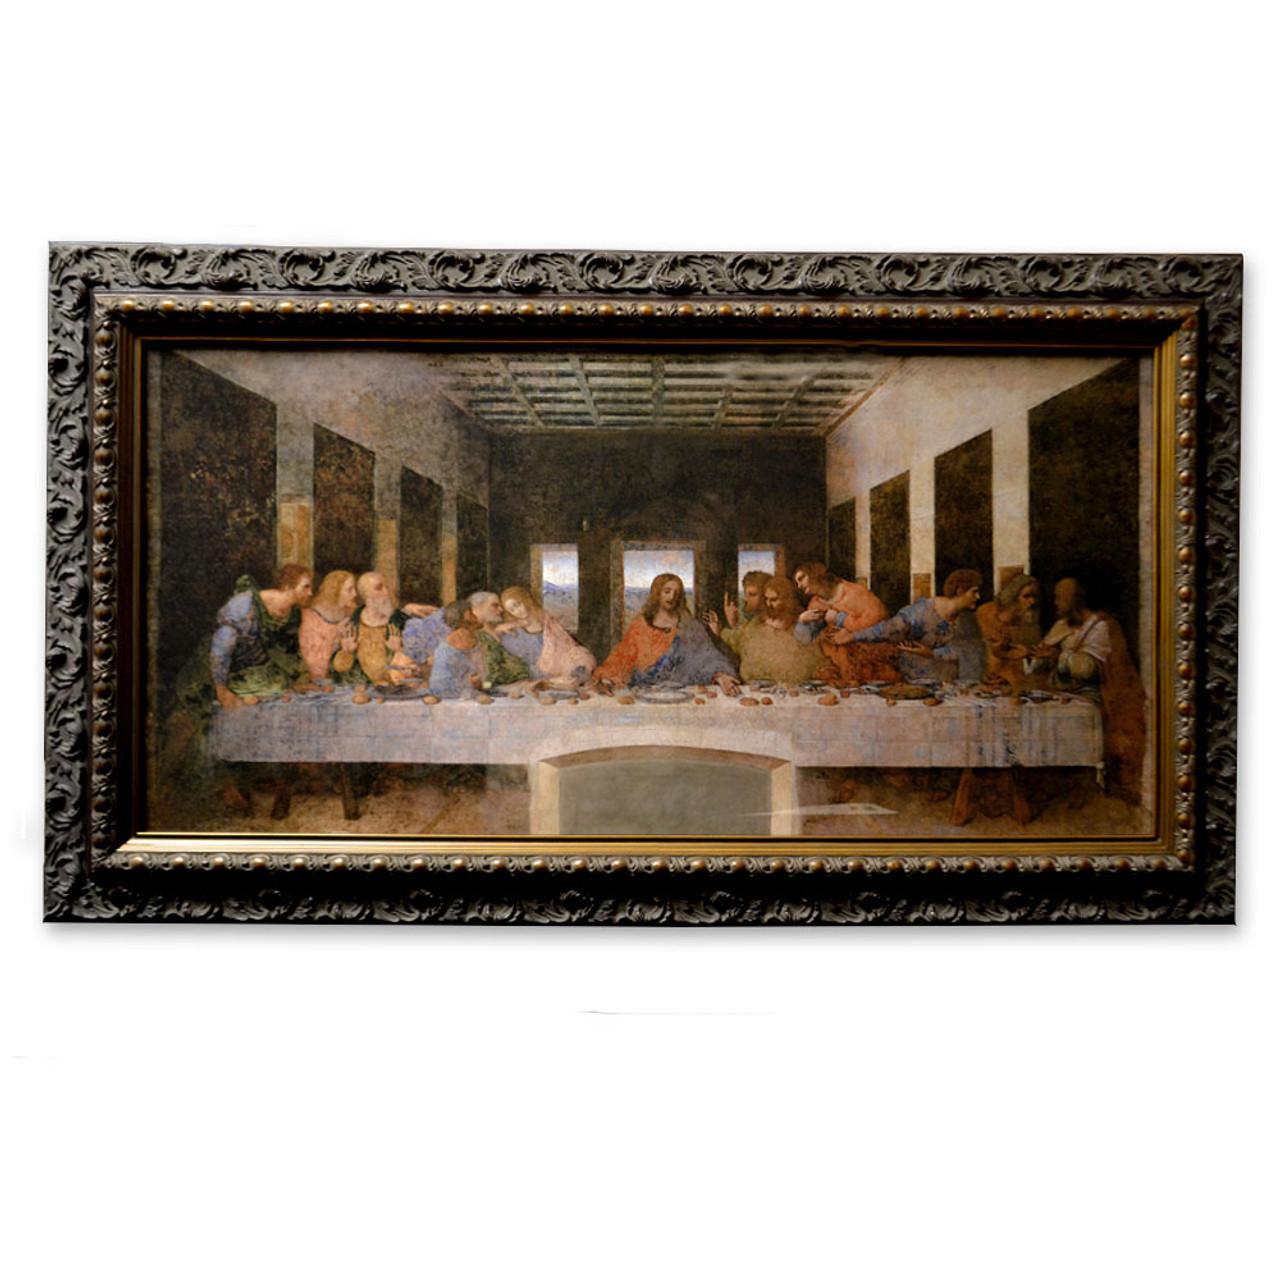 Last Supper by DaVinci 16x32IN